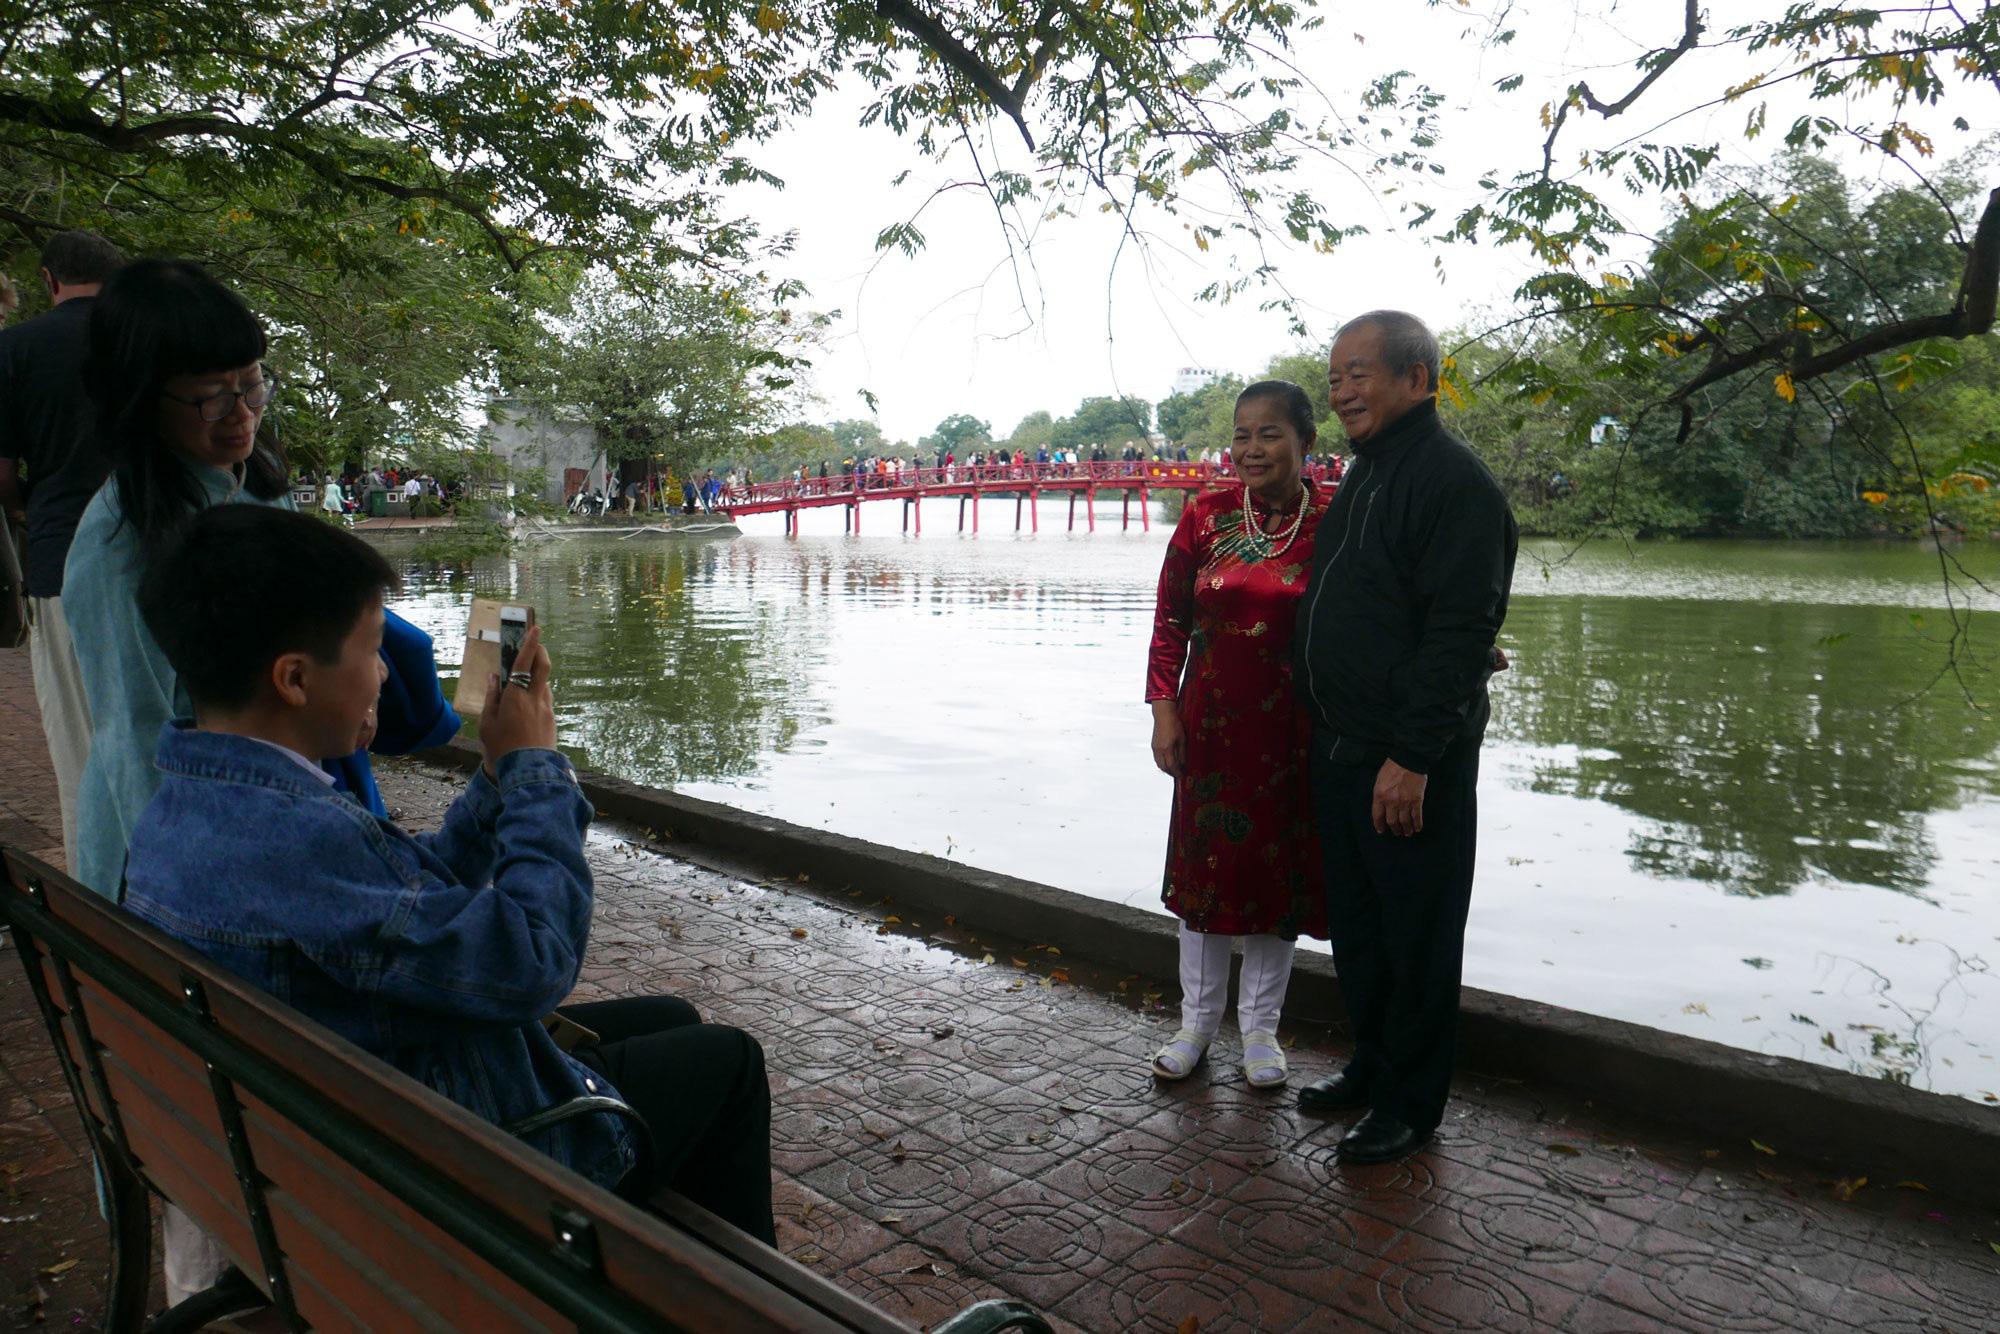 Cảnh lễ đền dưới mưa xuân tuyệt đẹp ở Hà Nội ngày mùng 1 Tết - Ảnh 14.